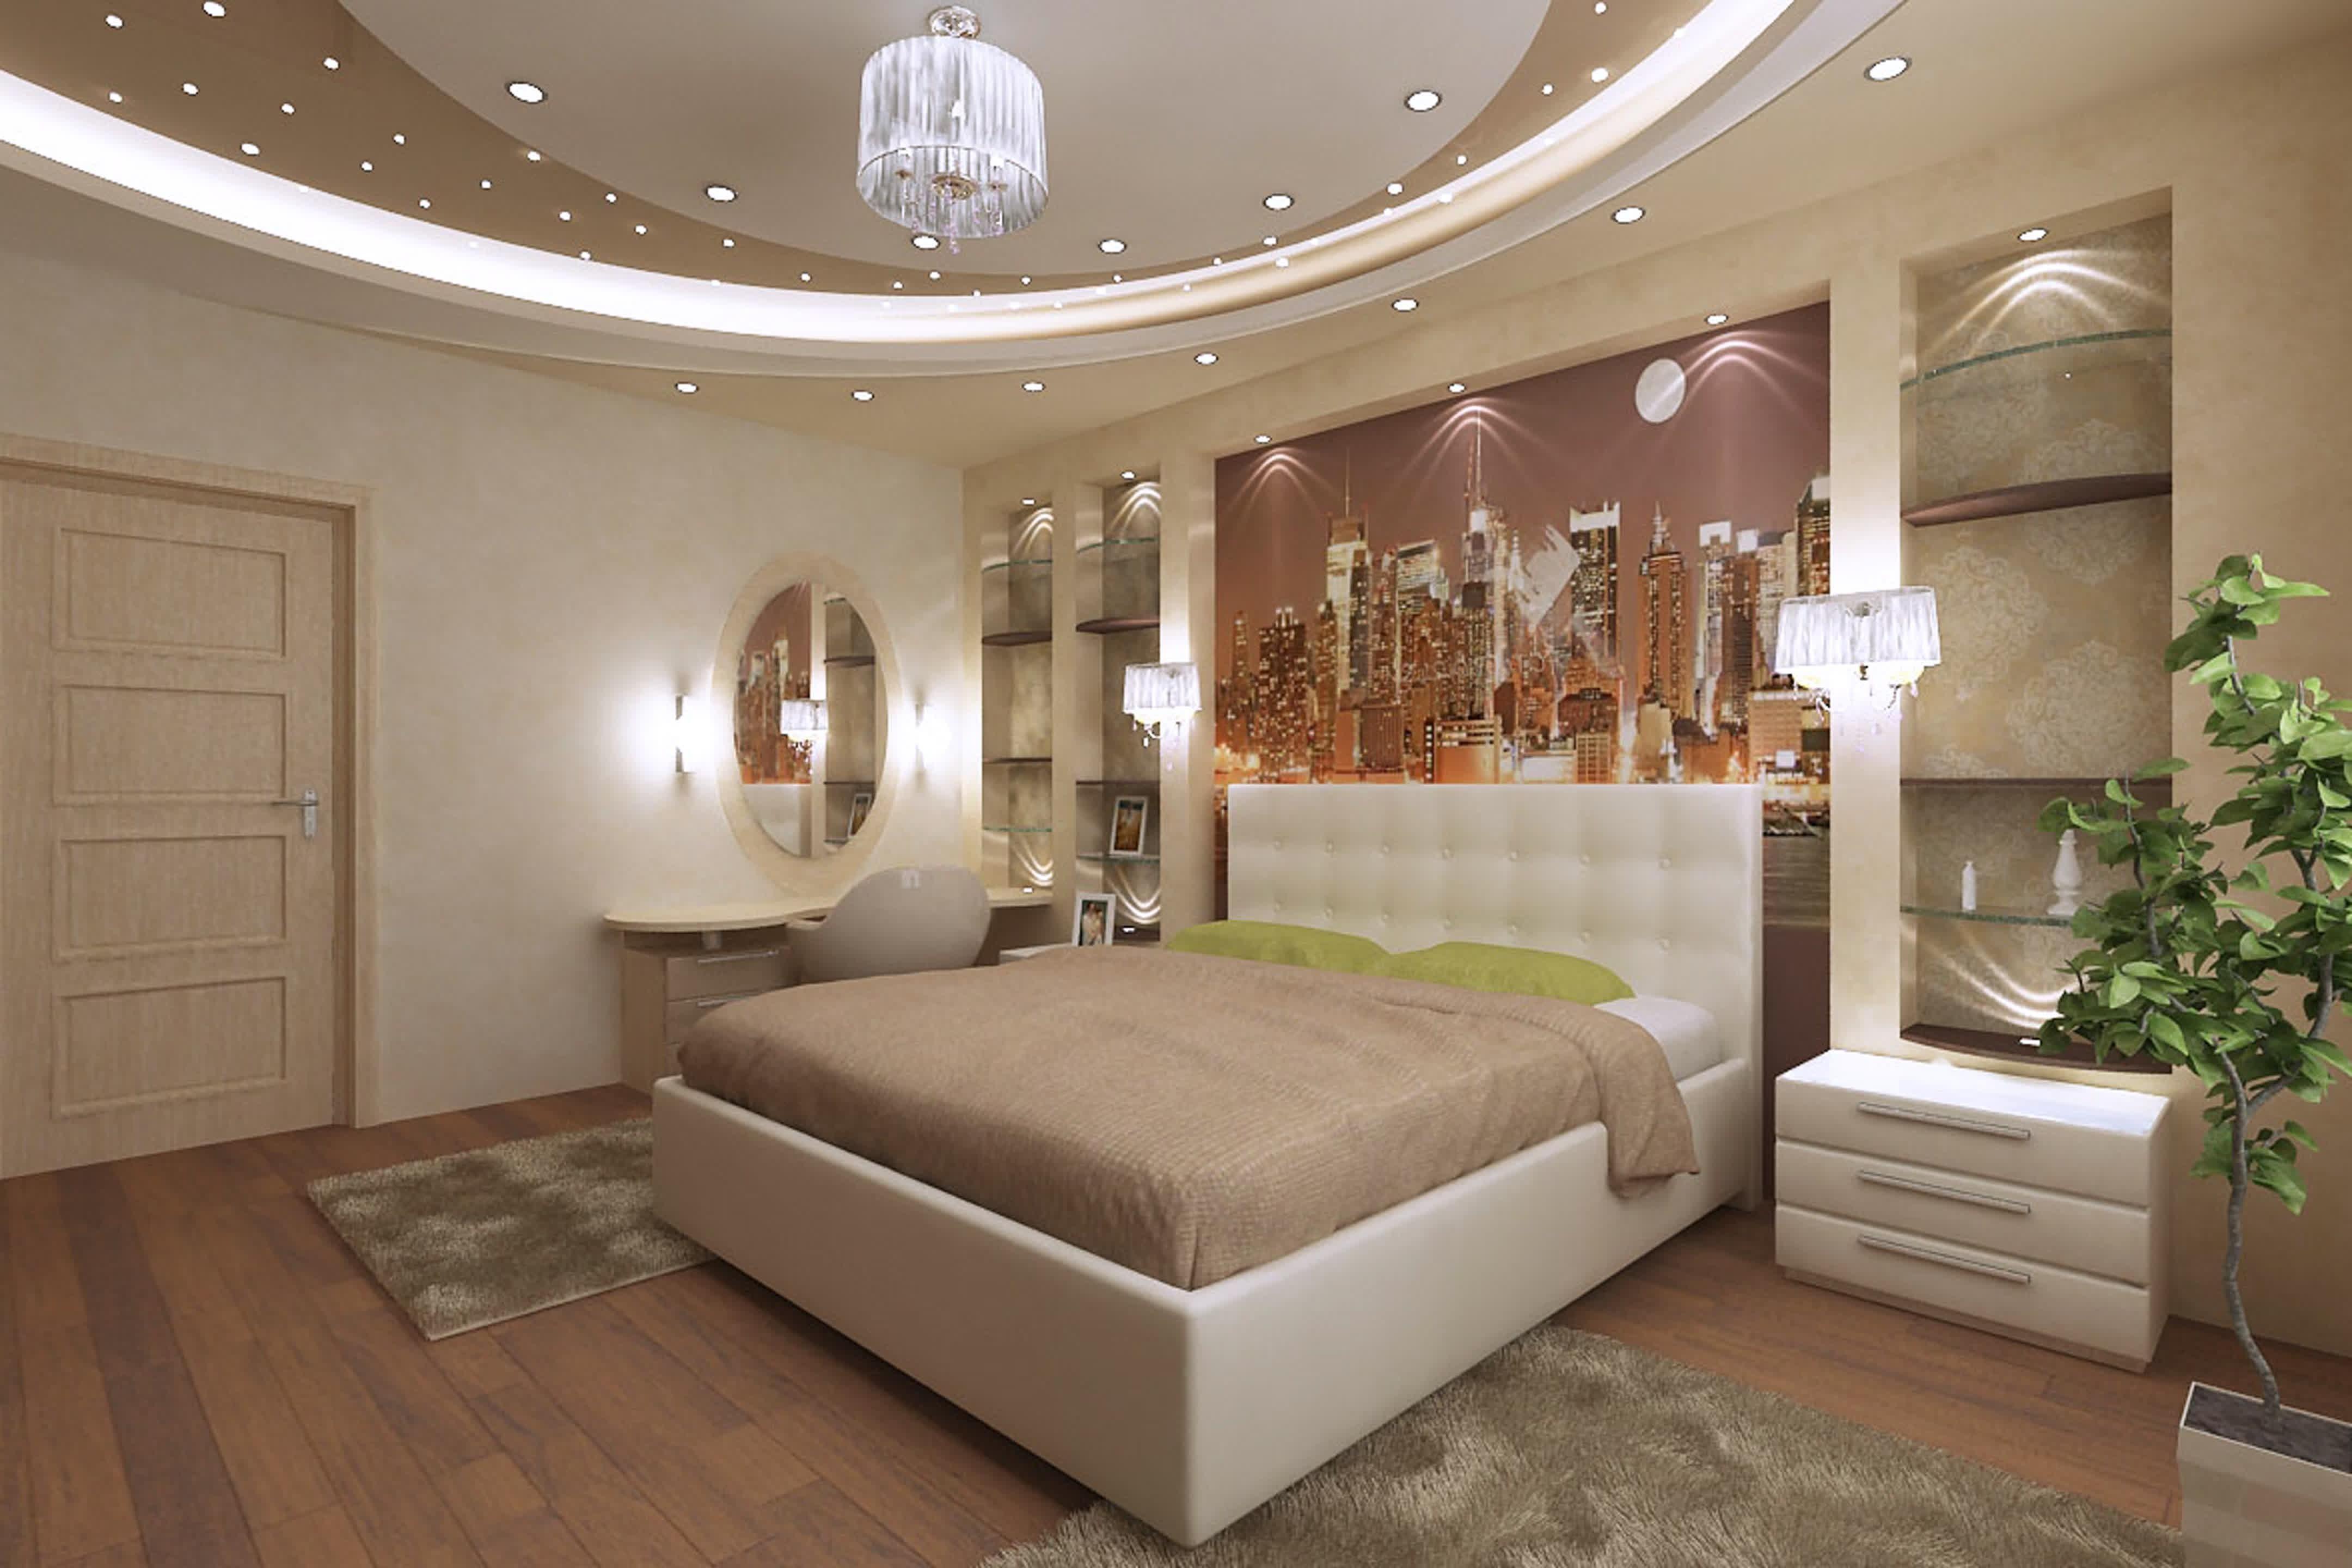 20 Ideen Von Der Decke Spiegel Für Schlafzimmer